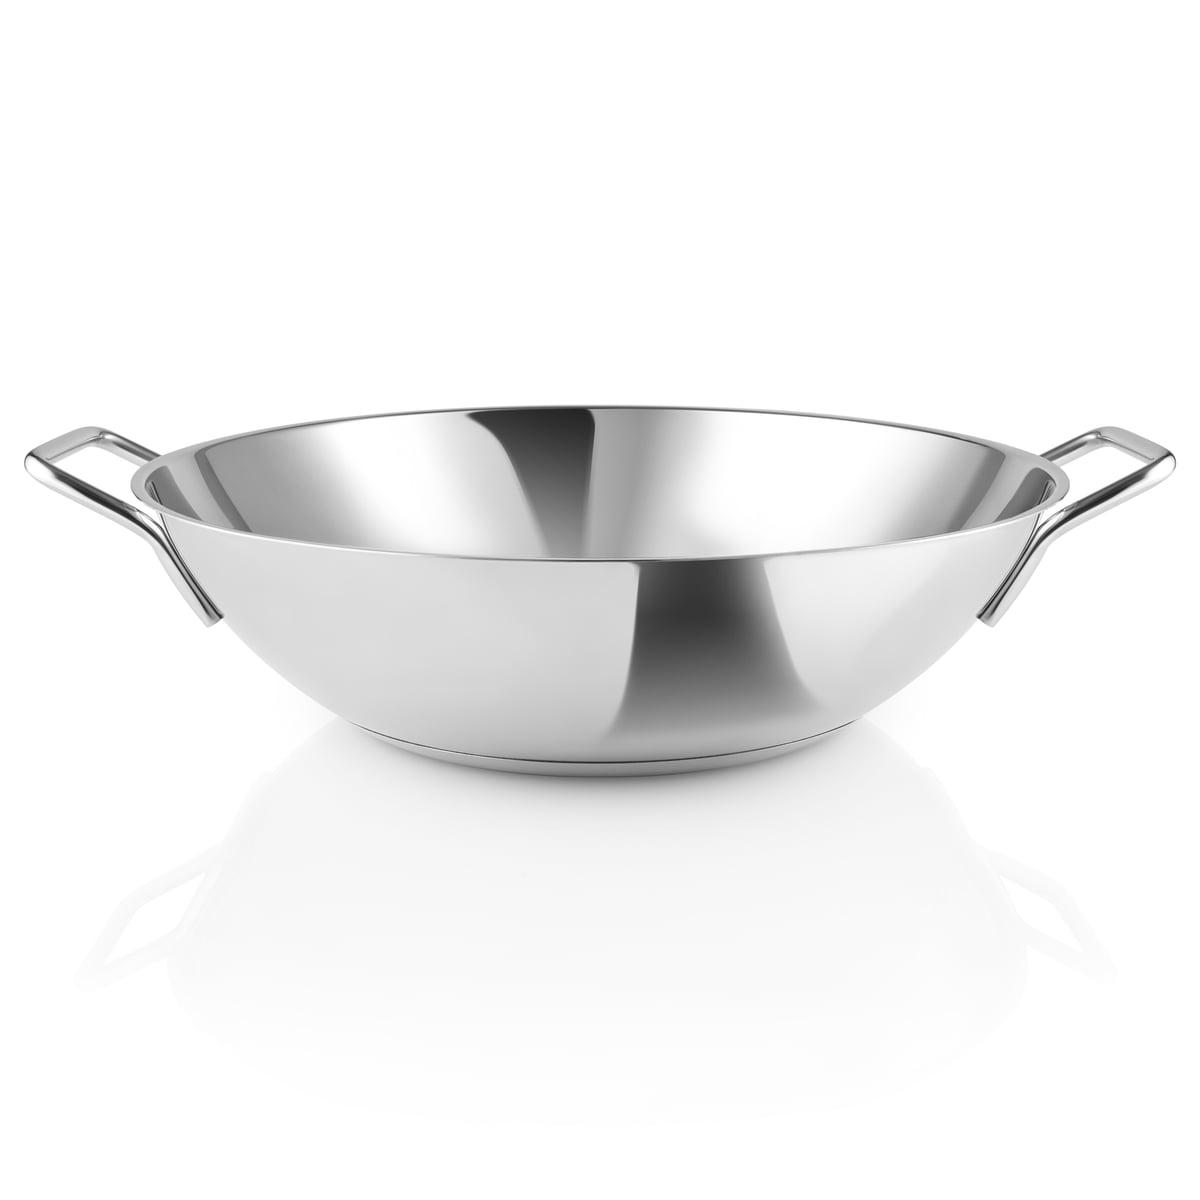 Eva Solo Eva Trio - Wok-Pfanne 5 l, Ø 32 cm, Edelstahl | Küche und Esszimmer > Kochen und Backen > Pfannen | Edelstahl | Eva Solo